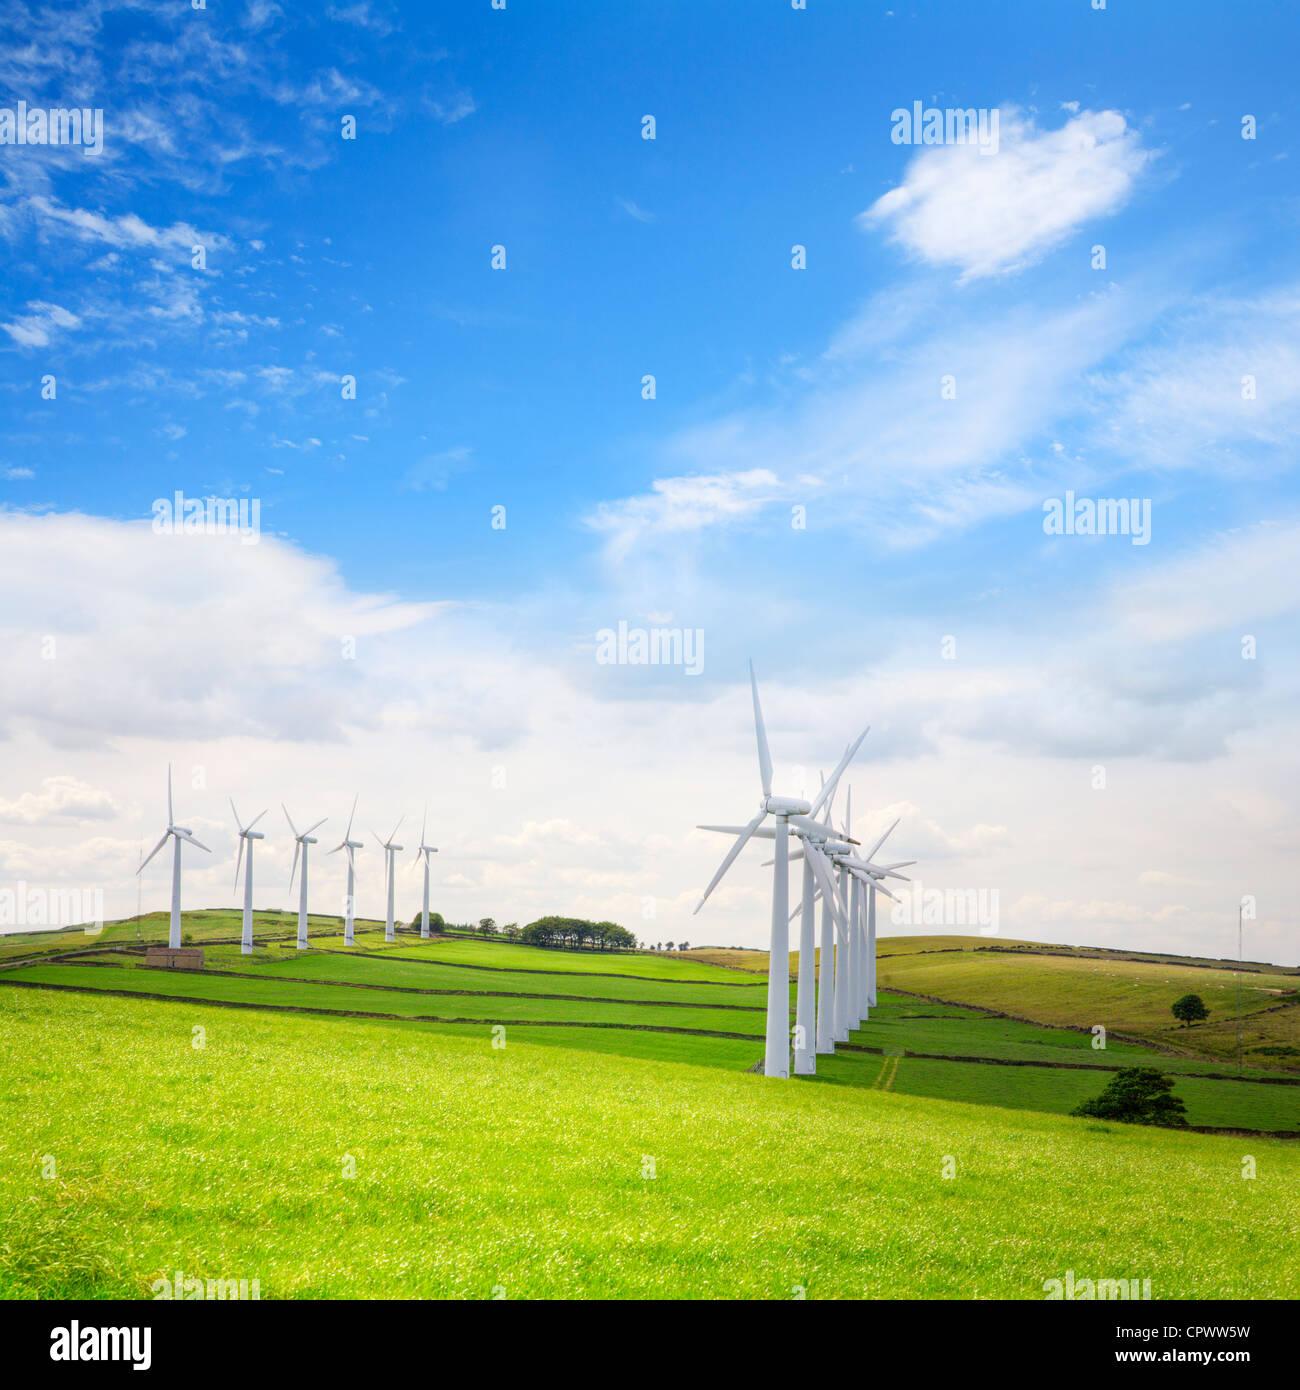 Doble hilera de aerogeneradores en el parque eólico Páramo Royd, Penistone, Yorkshire. Imagen De Stock